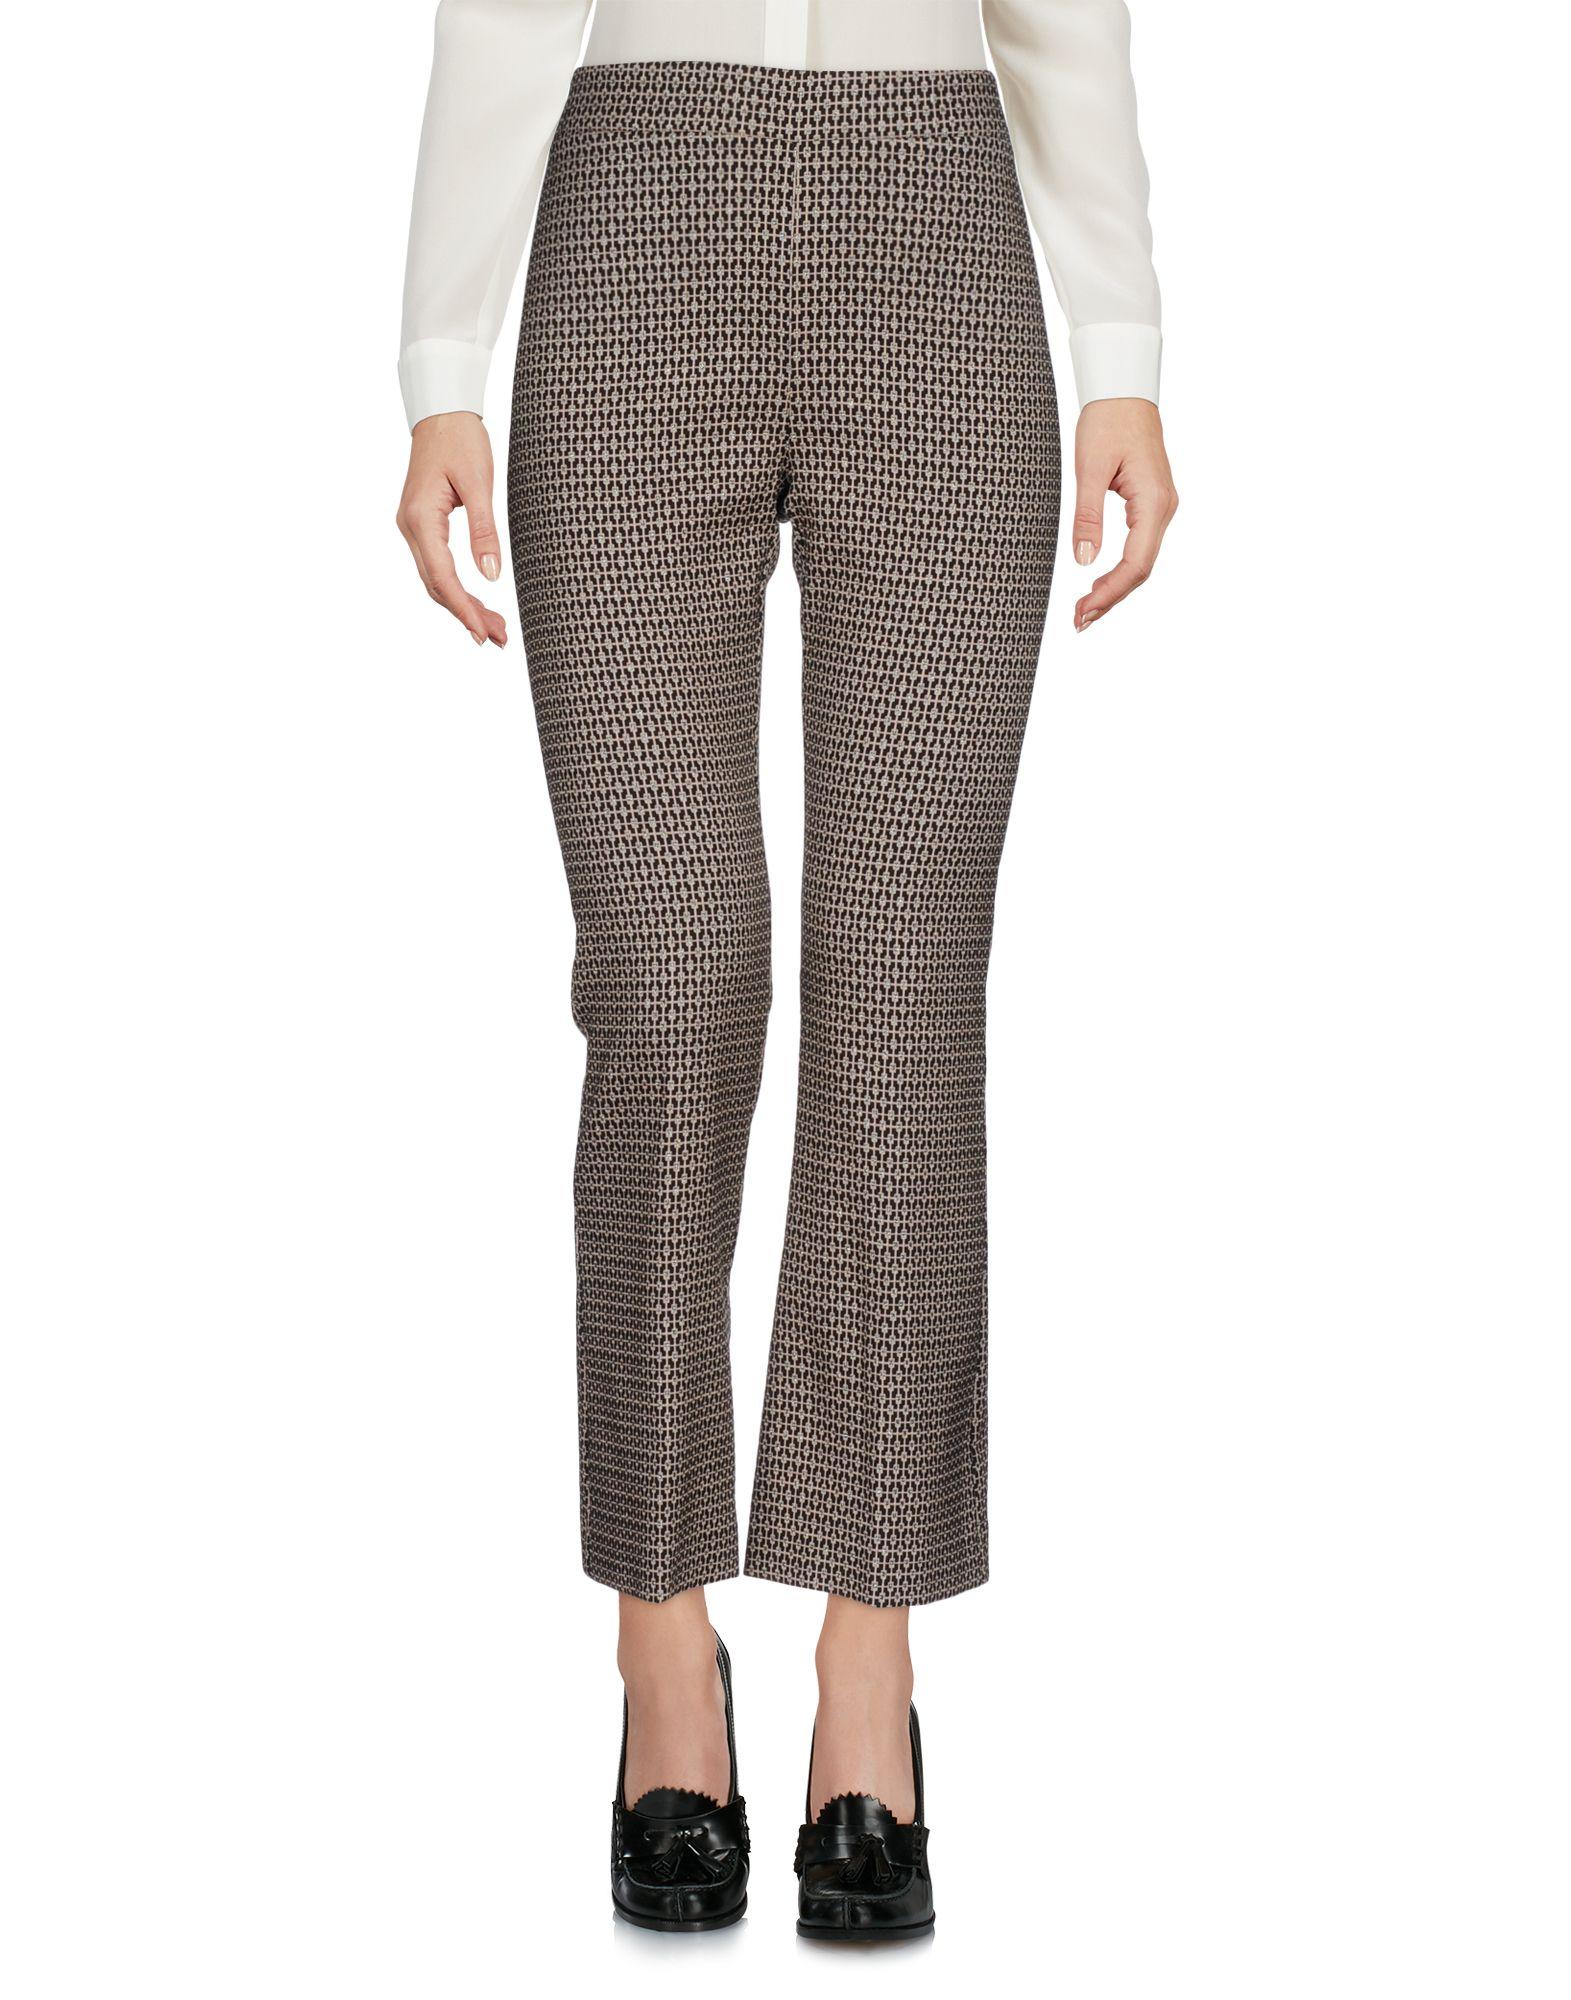 D.EXTERIOR Повседневные брюки карлос ткань йога брюки дамы открытый спорт работает плотно эластичный фитнес танца брюки cp13507 серый l код